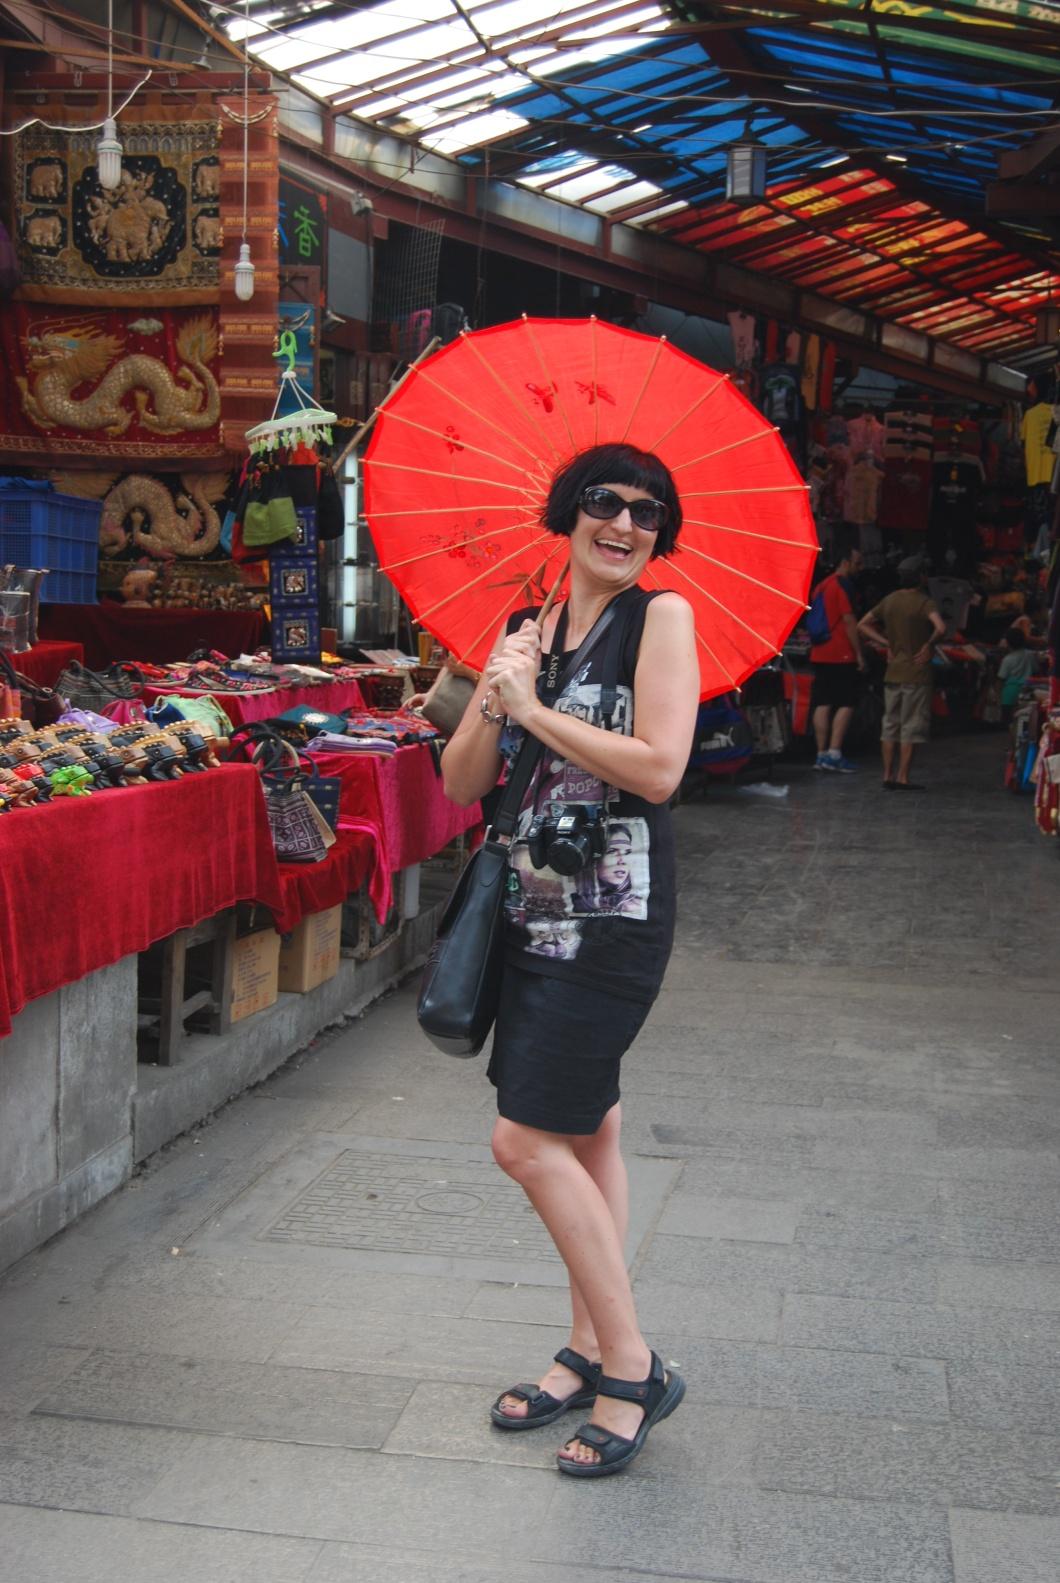 My new red Chinese Umbrella!!